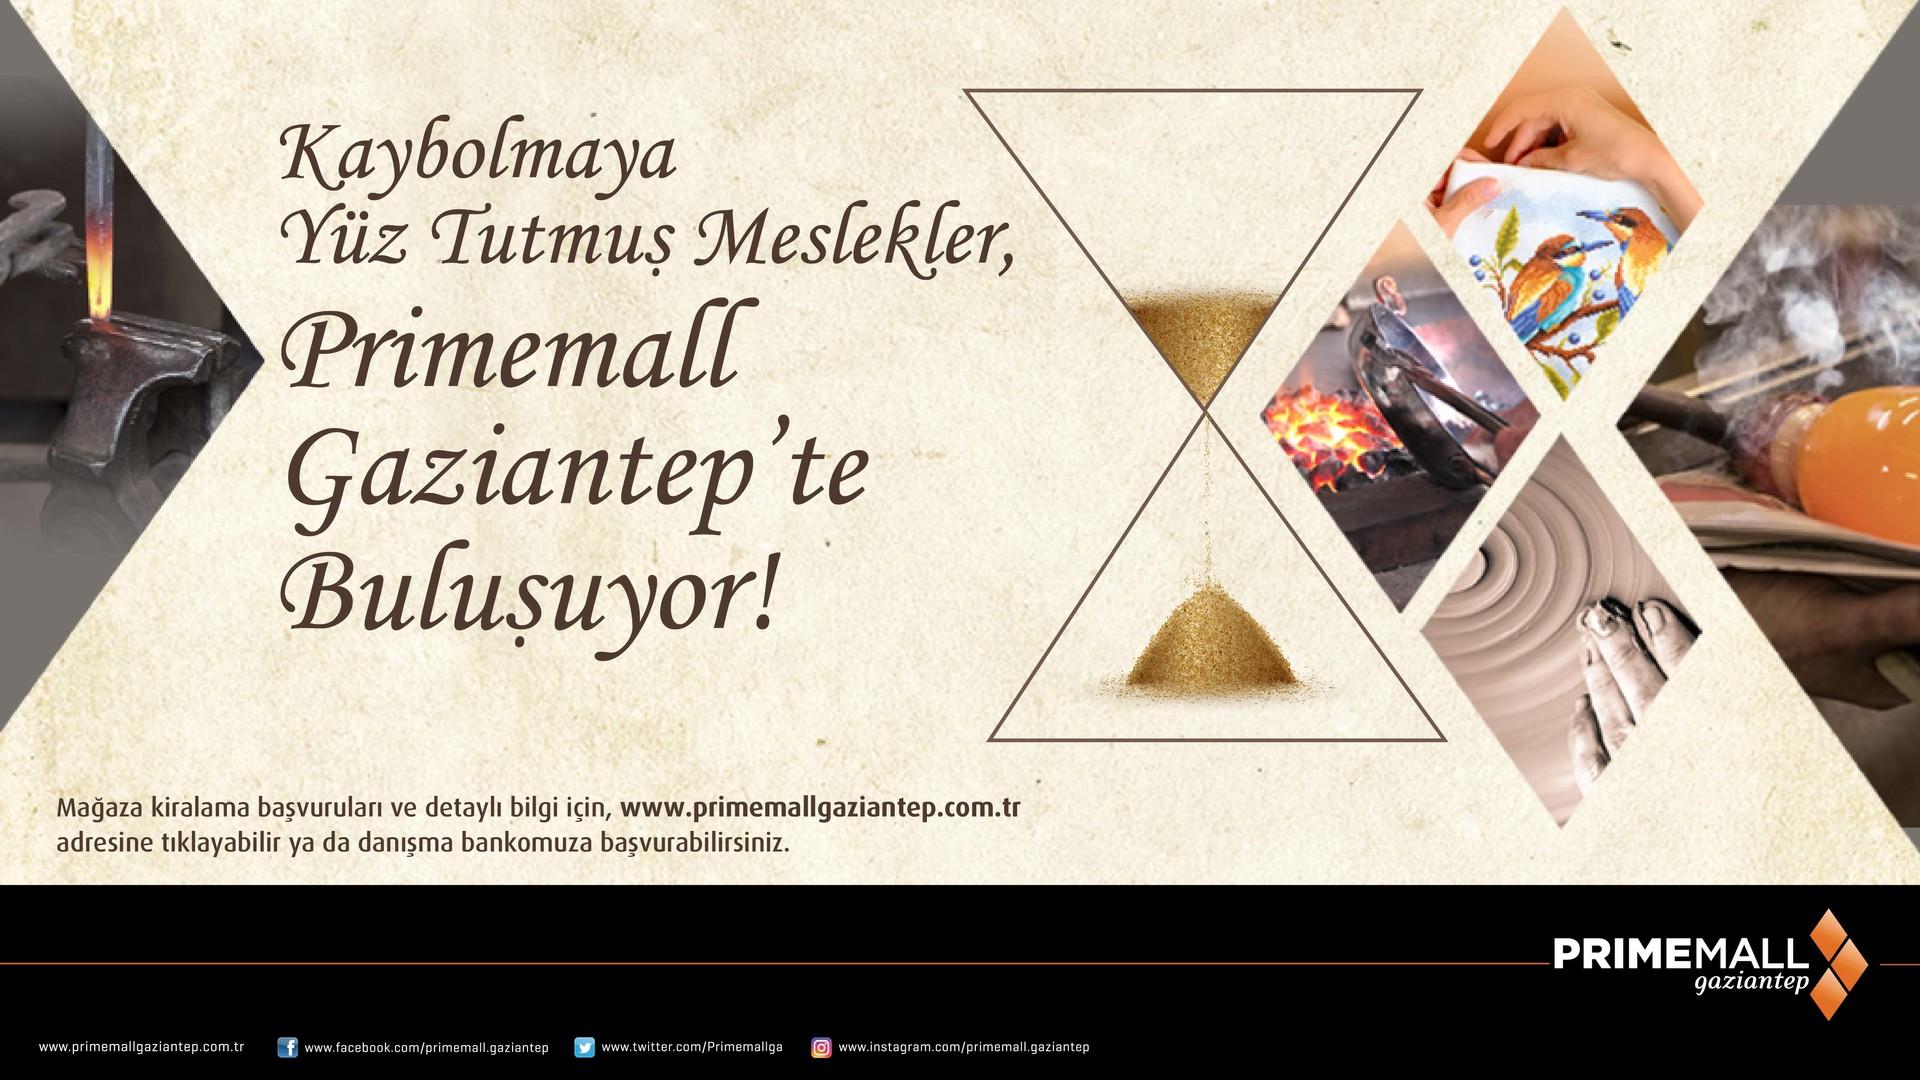 Kaybolmaya Yüz Tutmuş Meslekler, Primemall Gaziantep'te Buluşuyor!